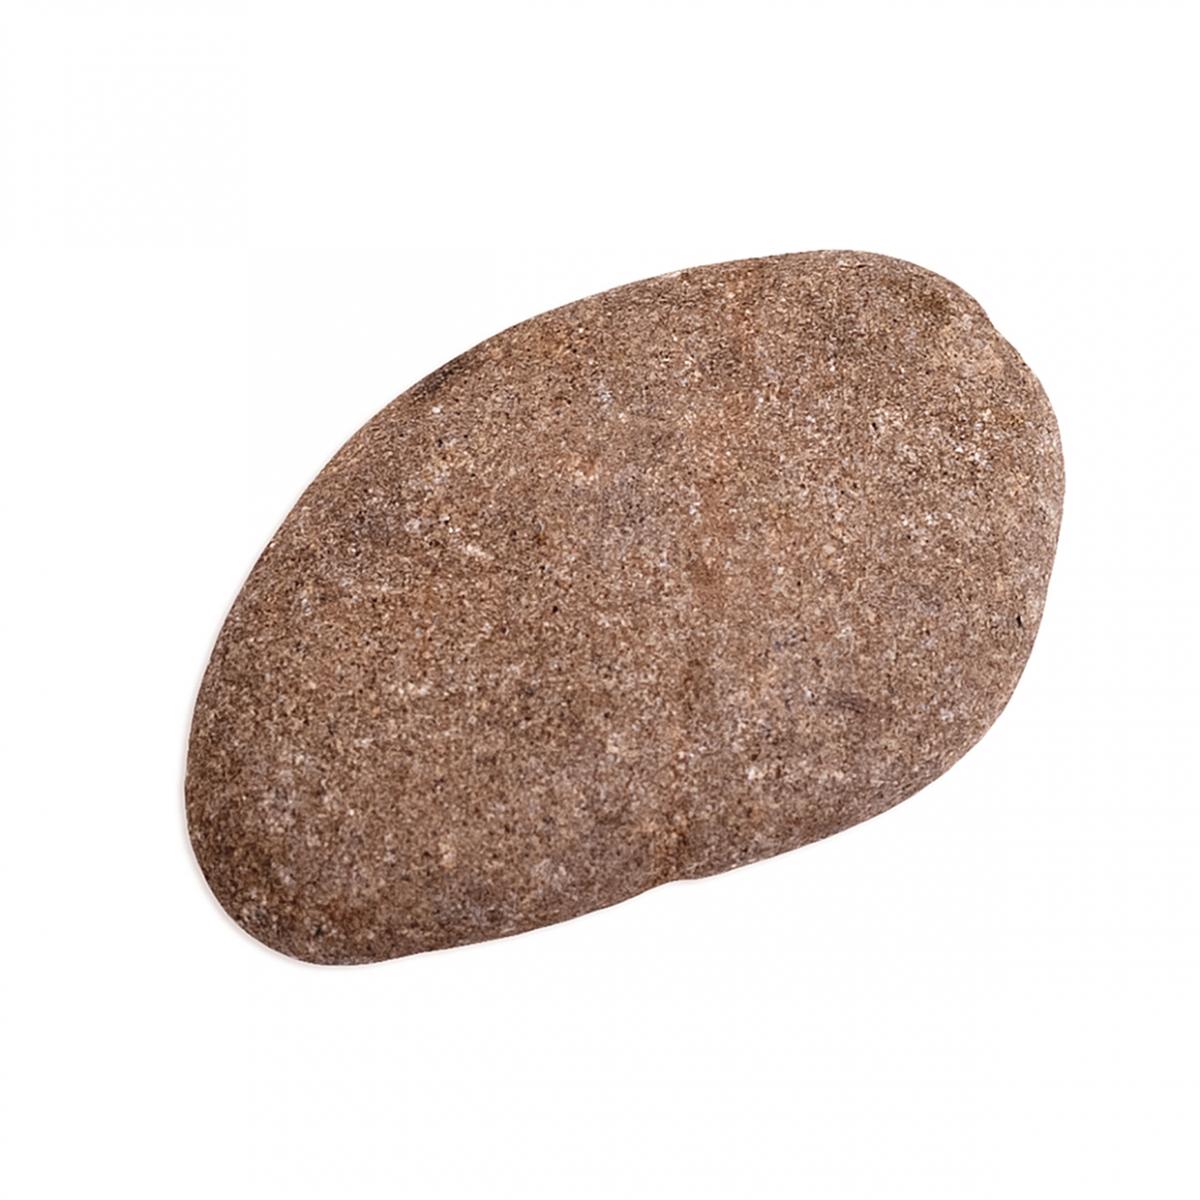 Imagen en la que se ve una piedra